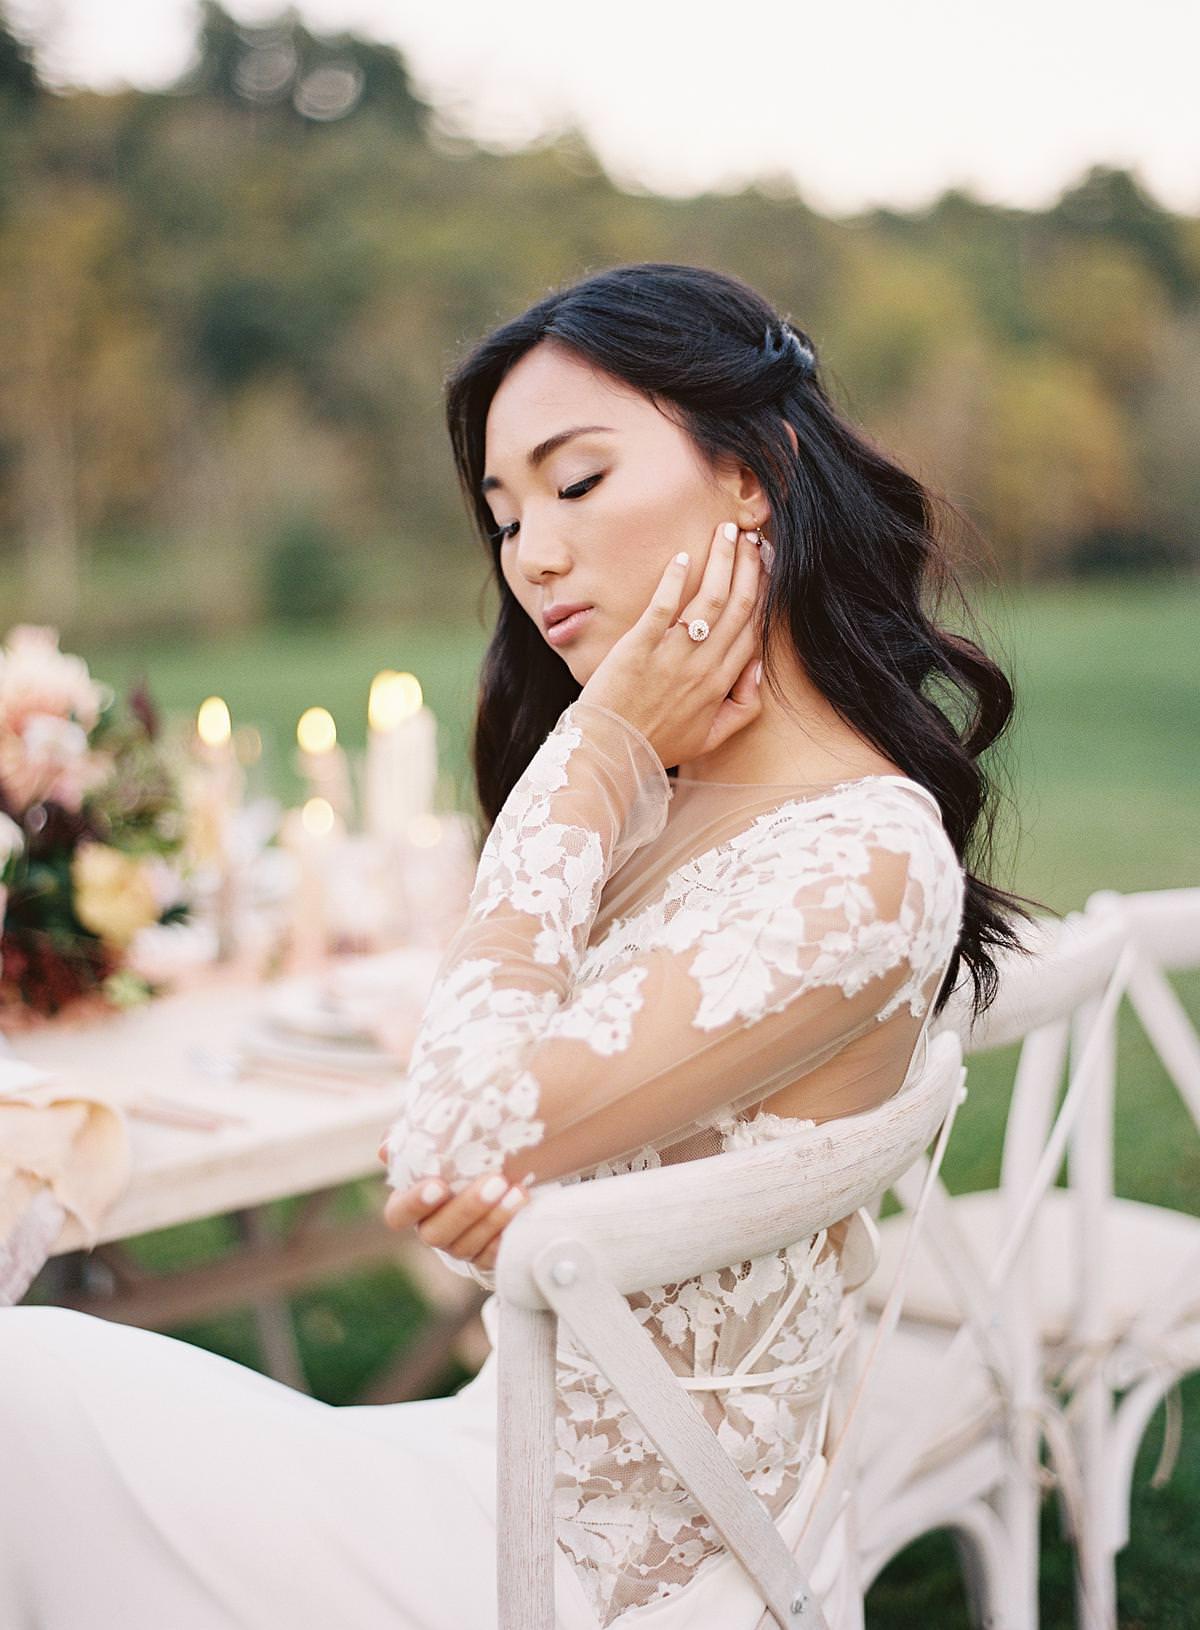 bride at reception dinner